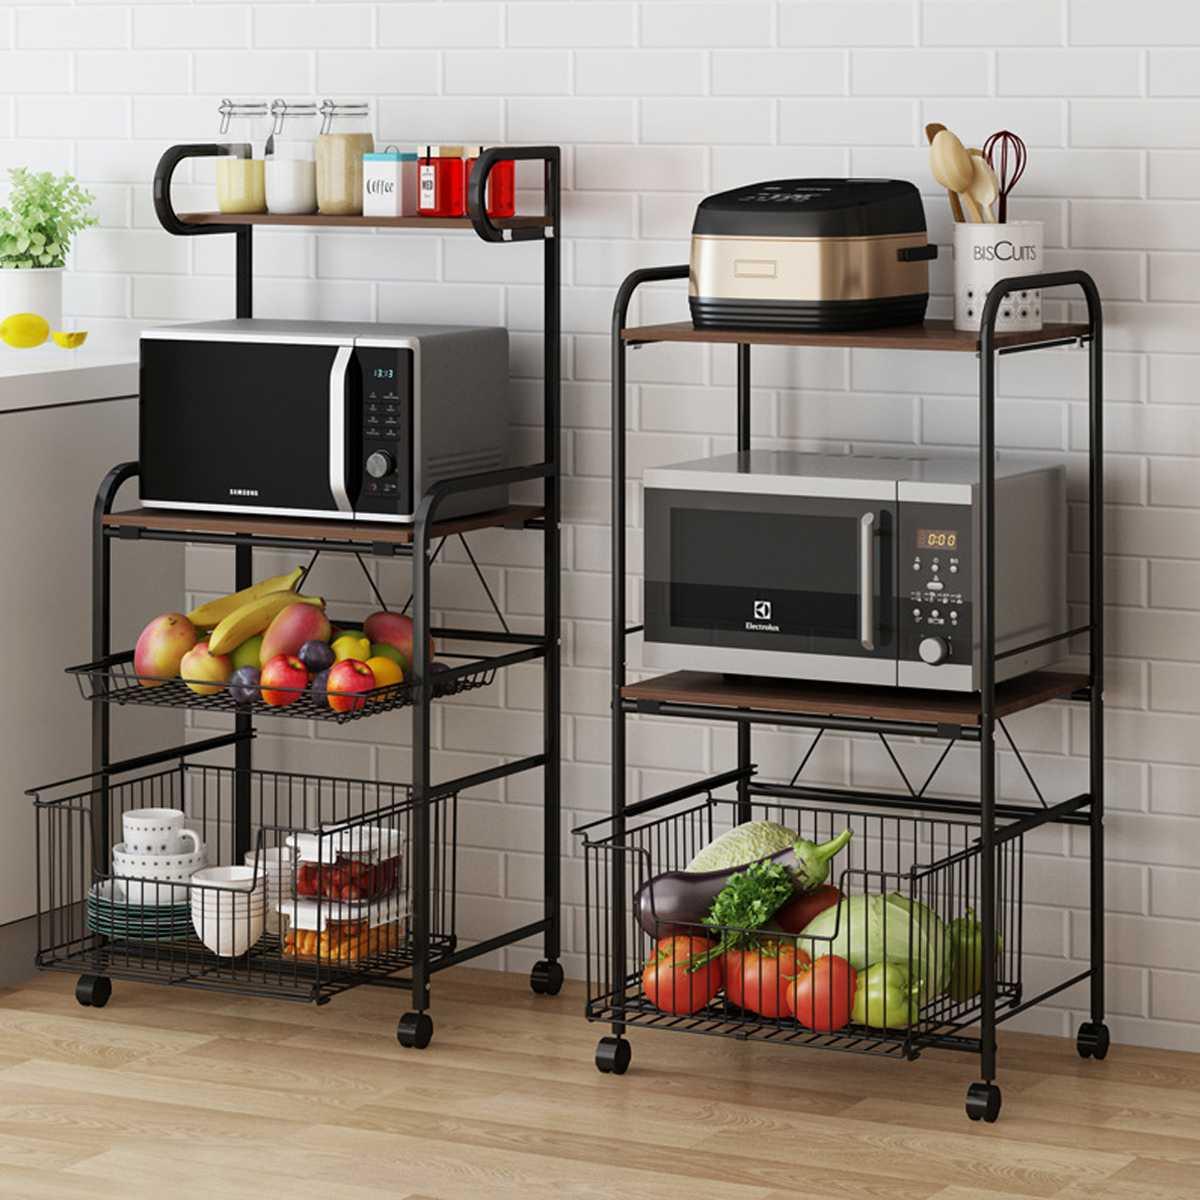 رف تخزين متعدد الطبقات مع عجلات ، 3 مستويات ، عربة مطبخ ، غرفة معيشة ، حمام